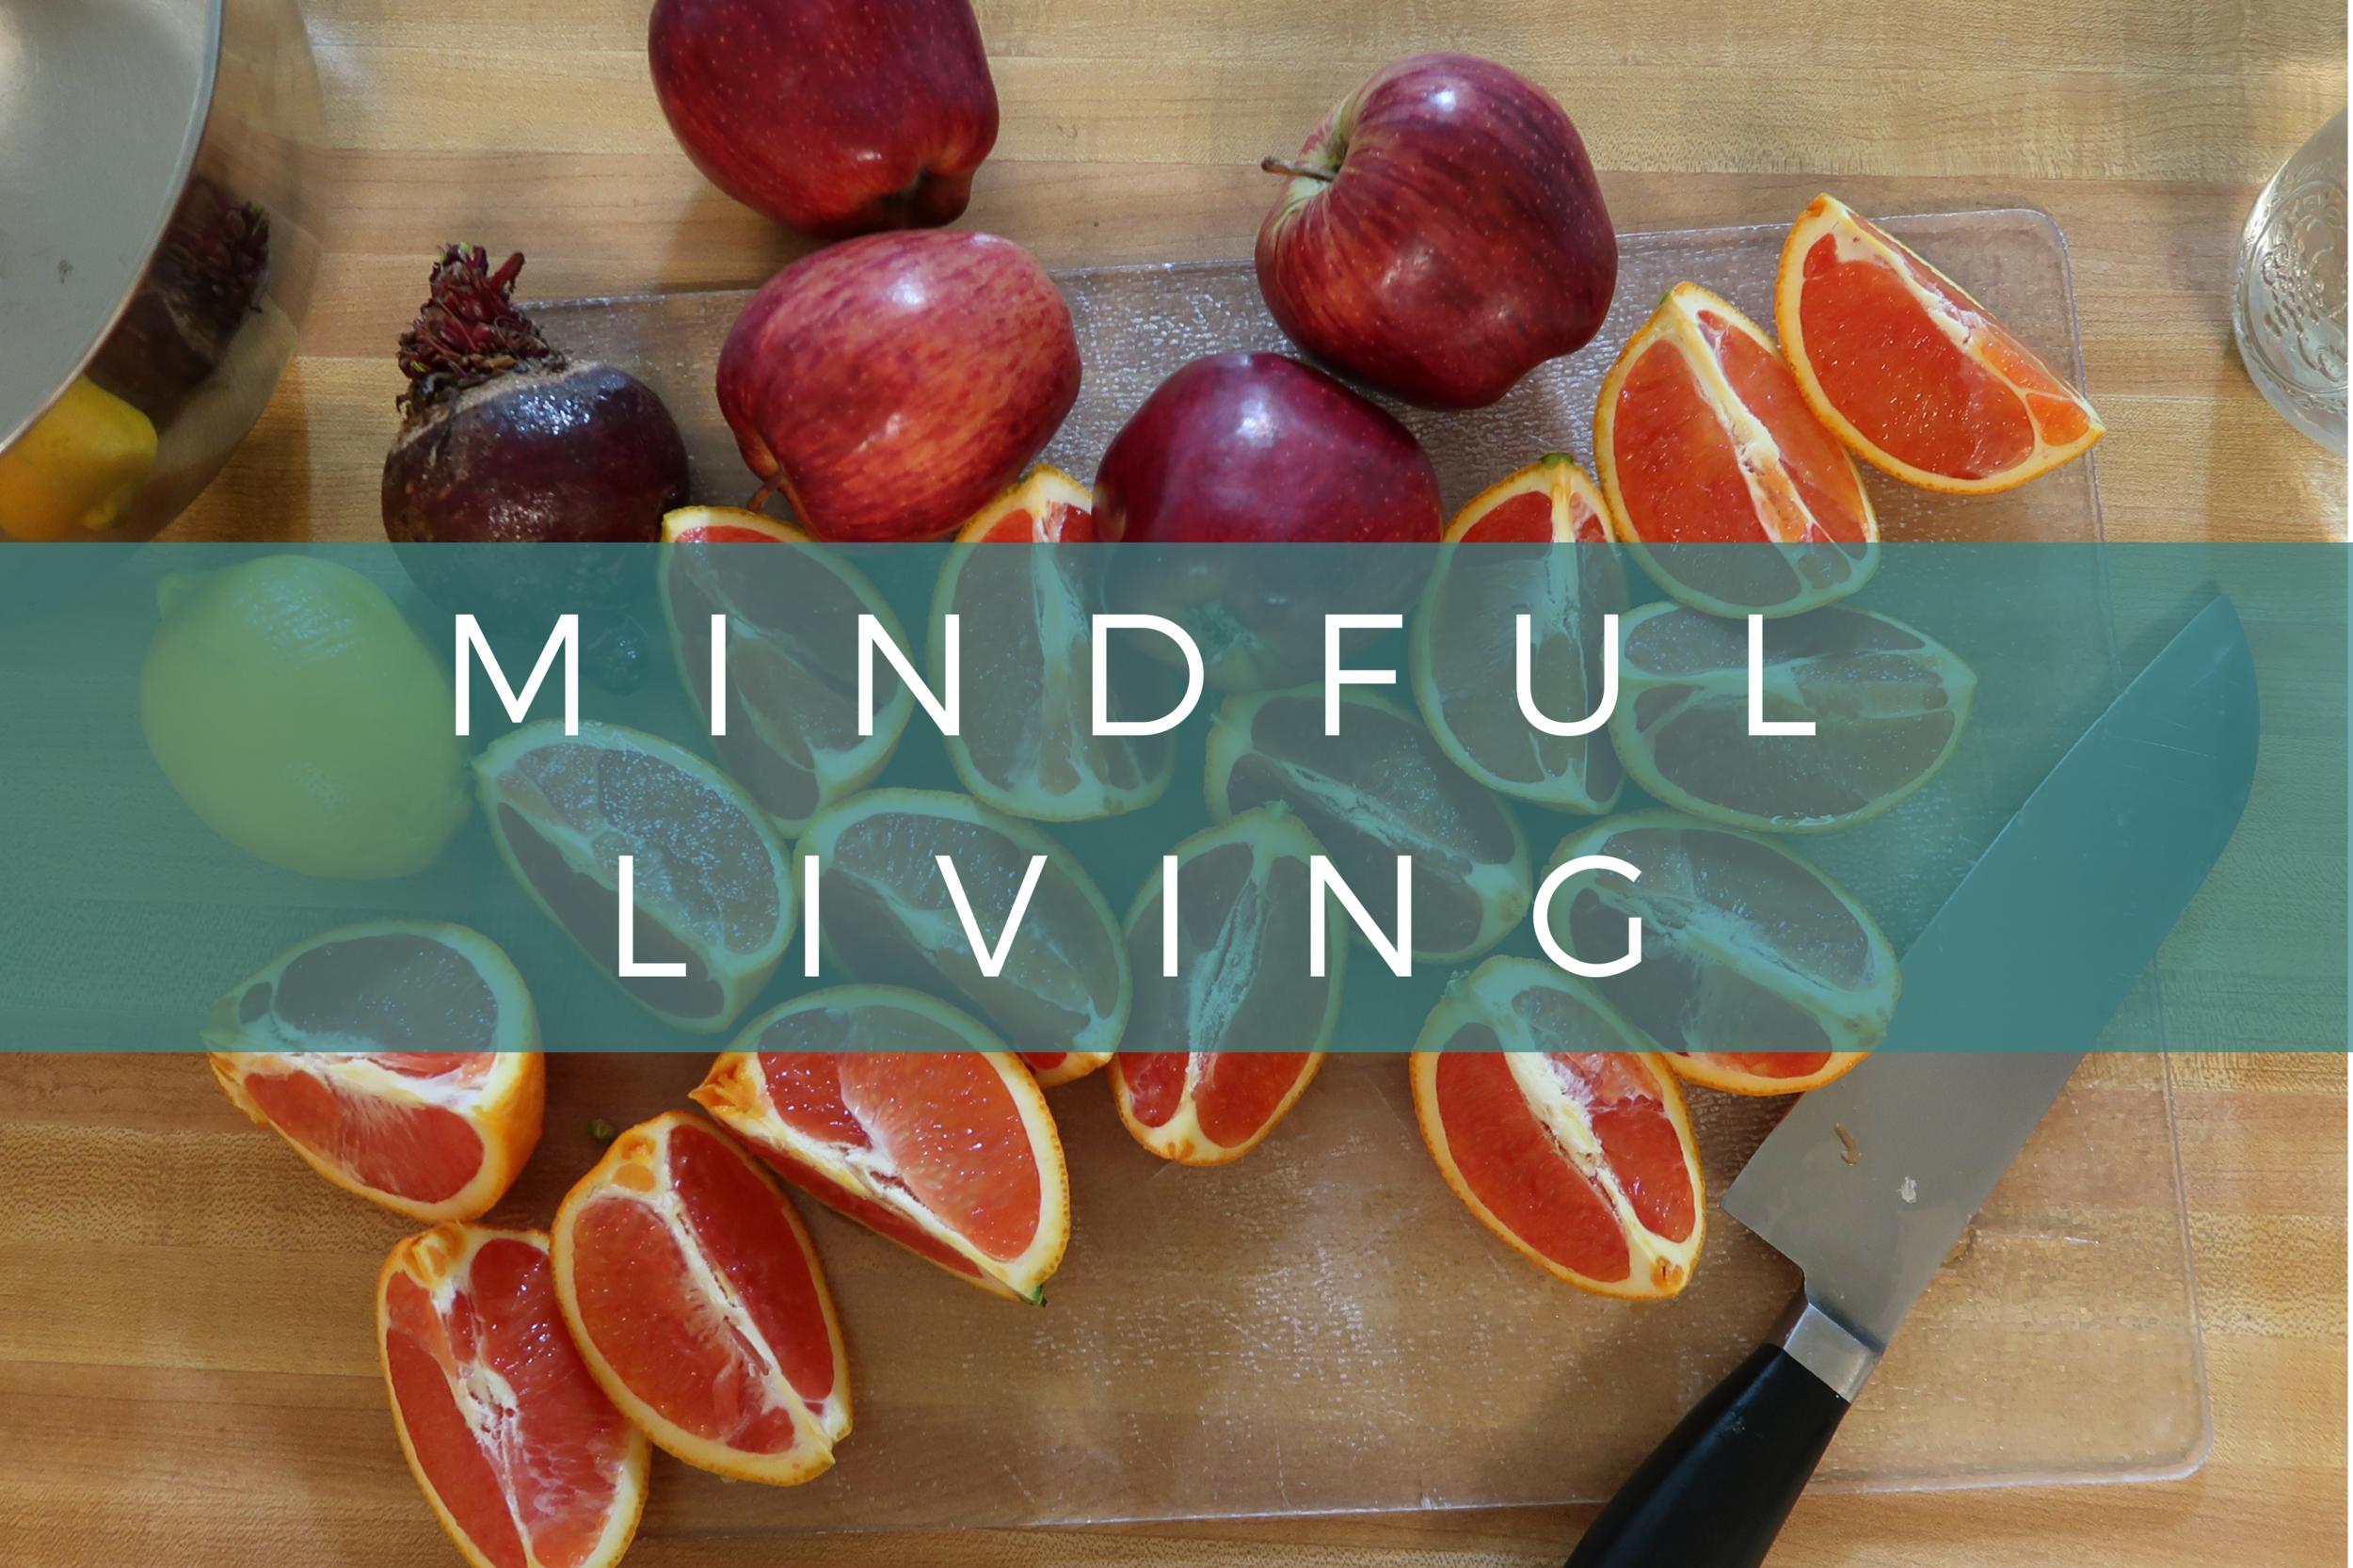 Mindful Living - earthchilderin